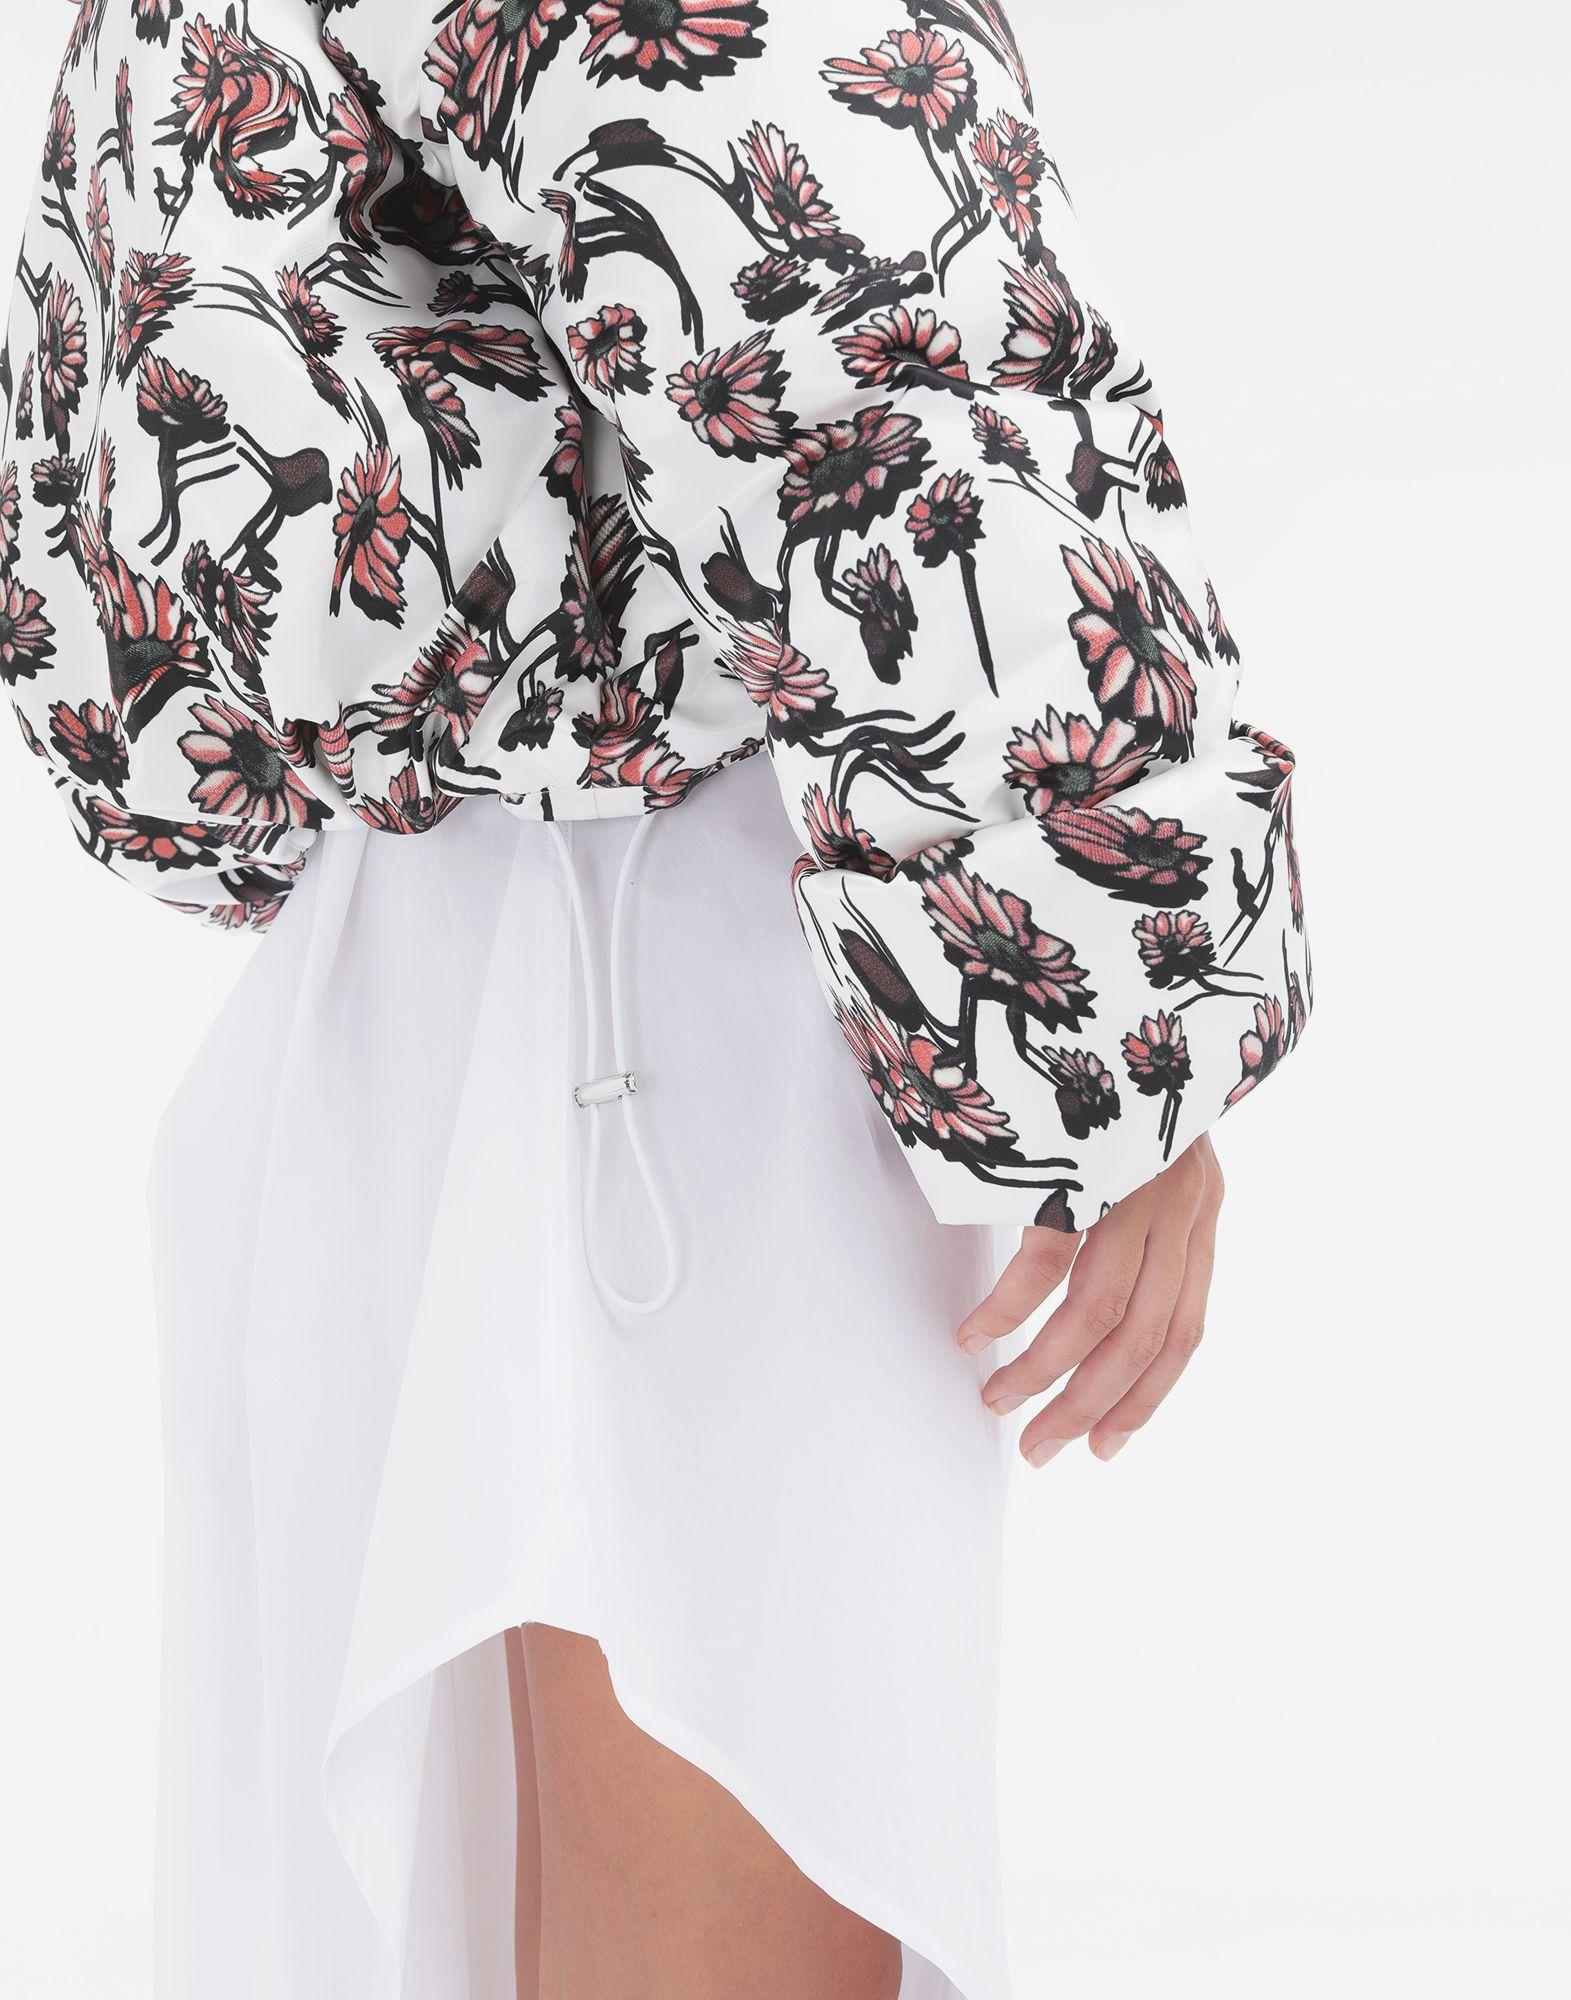 MM6 MAISON MARGIELA Утеплённая куртка с цветочным мотивом Куртка Для Женщин b